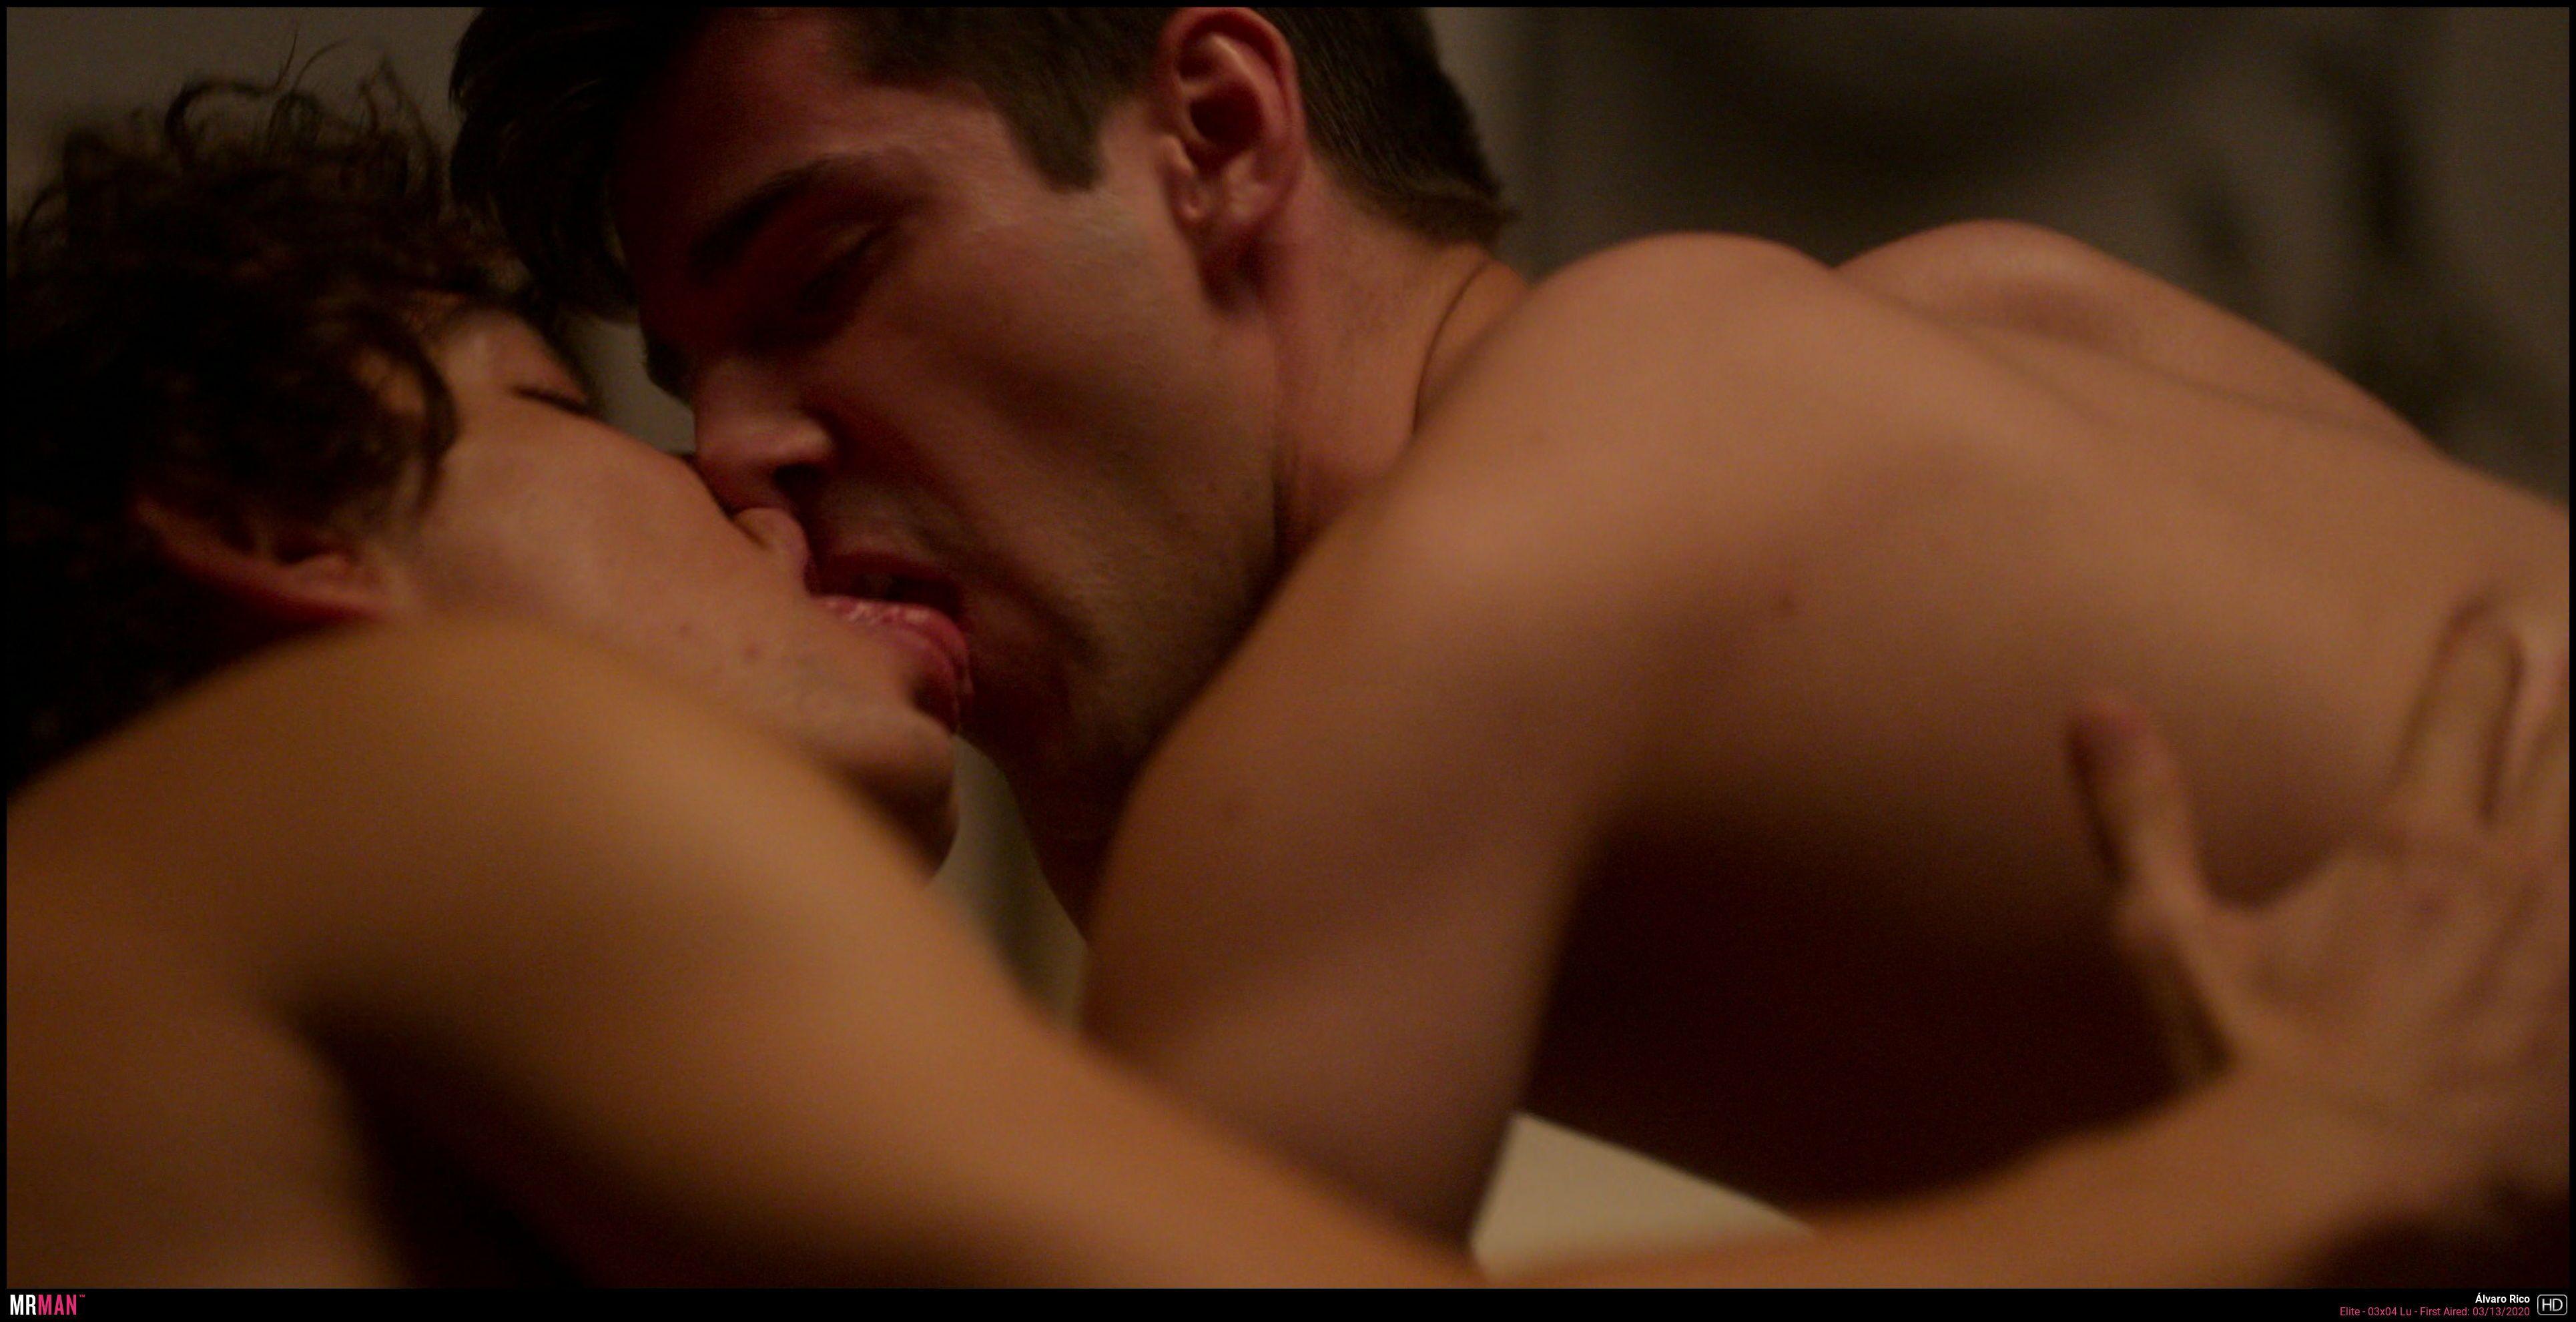 Gay sex scenes